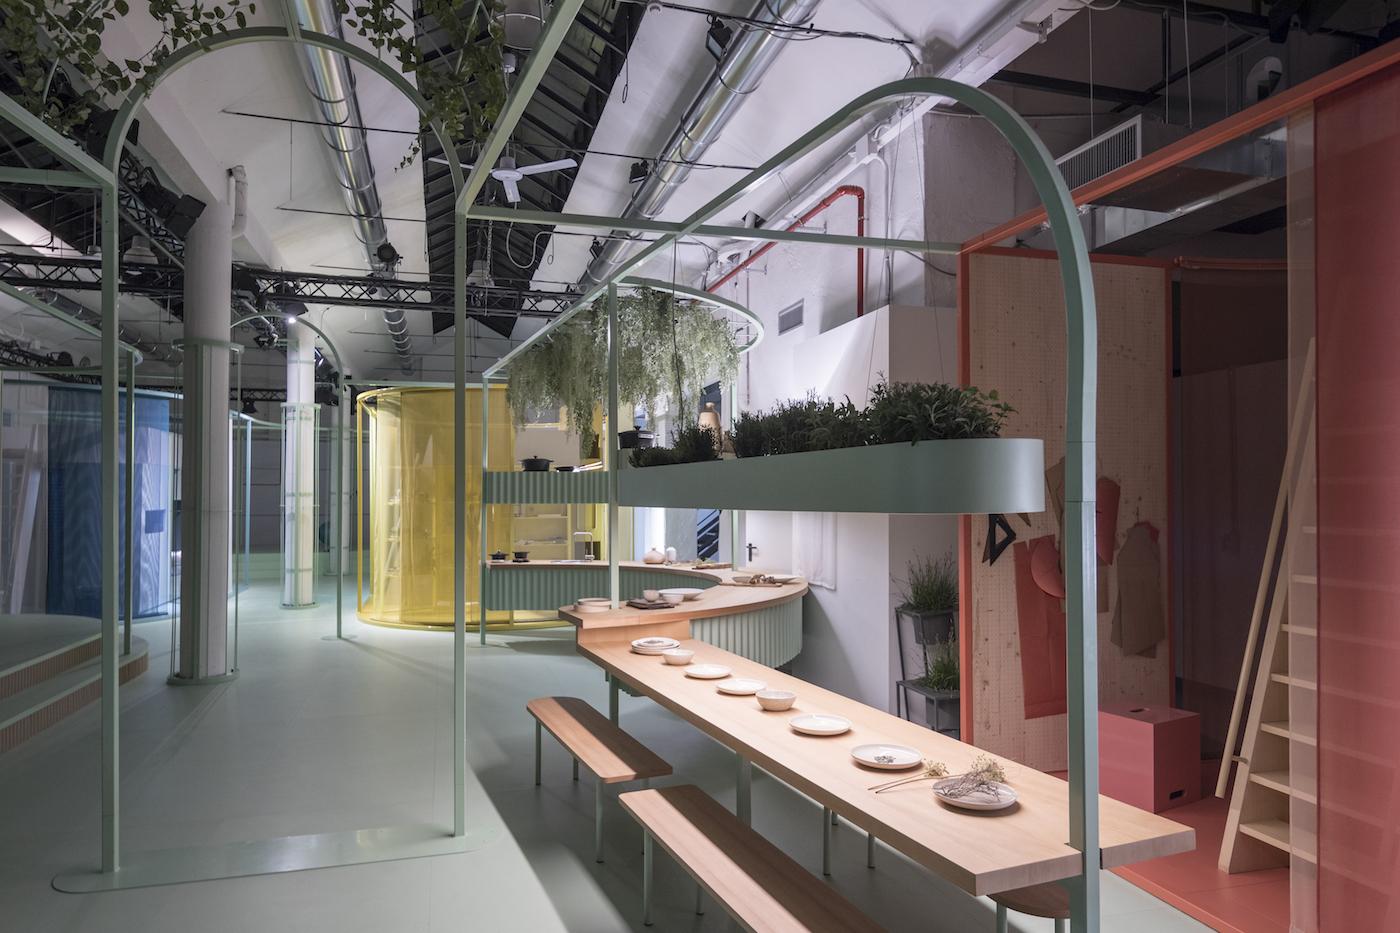 MINI zeigt visionäres Wohnkonzept zur Designweek in Mailand 2